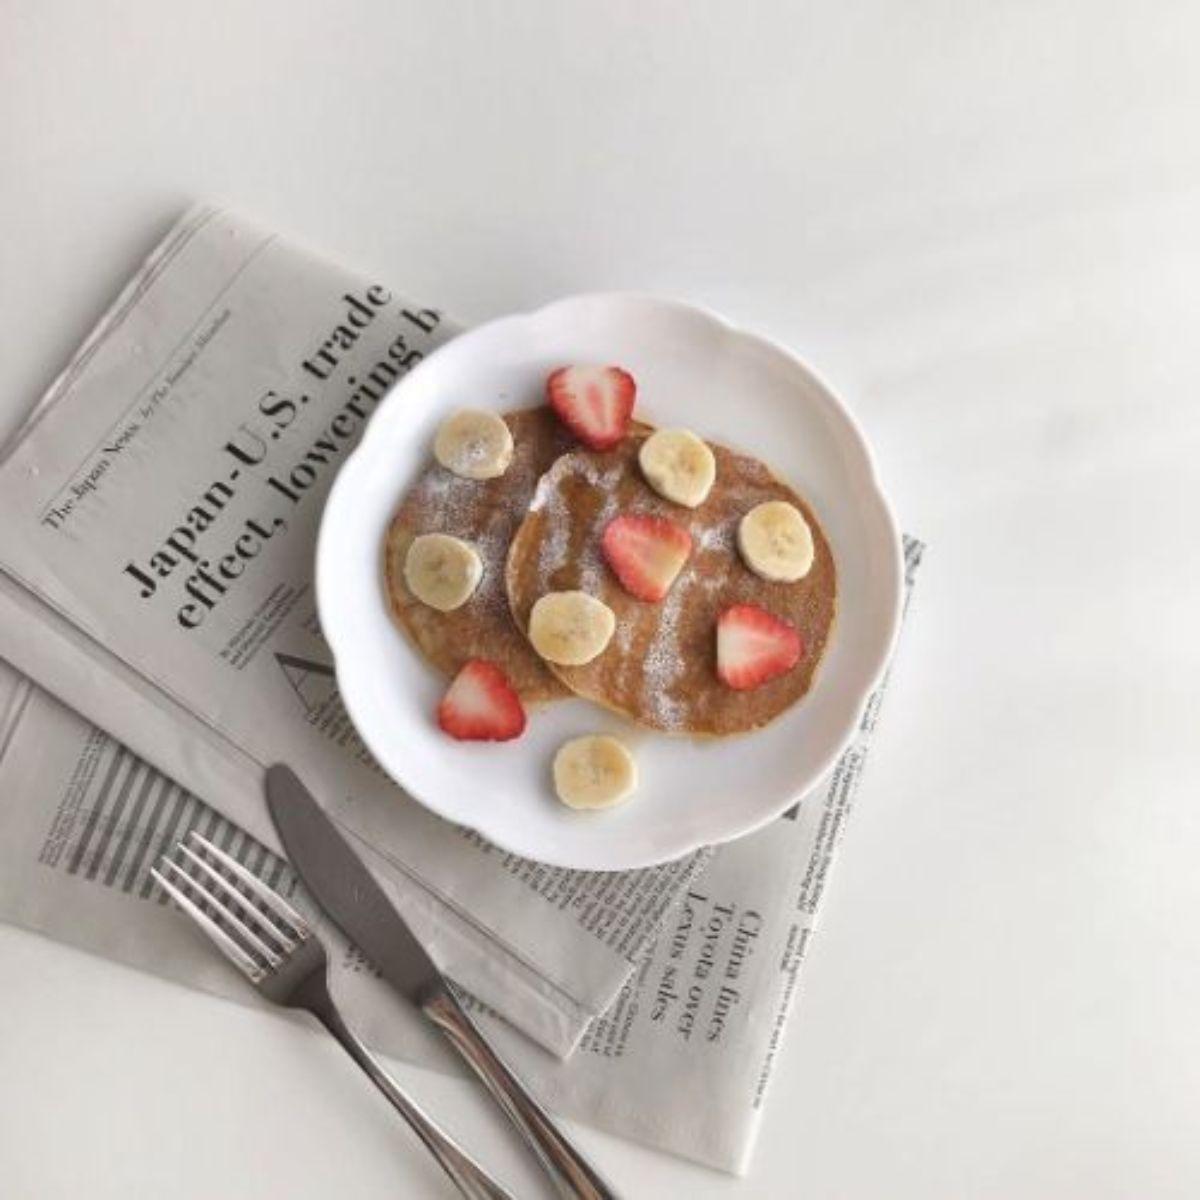 おうちカフェもヘルシーじゃなくっちゃ!今、ダイエット食として注目される「オートミール」が優秀でした♪